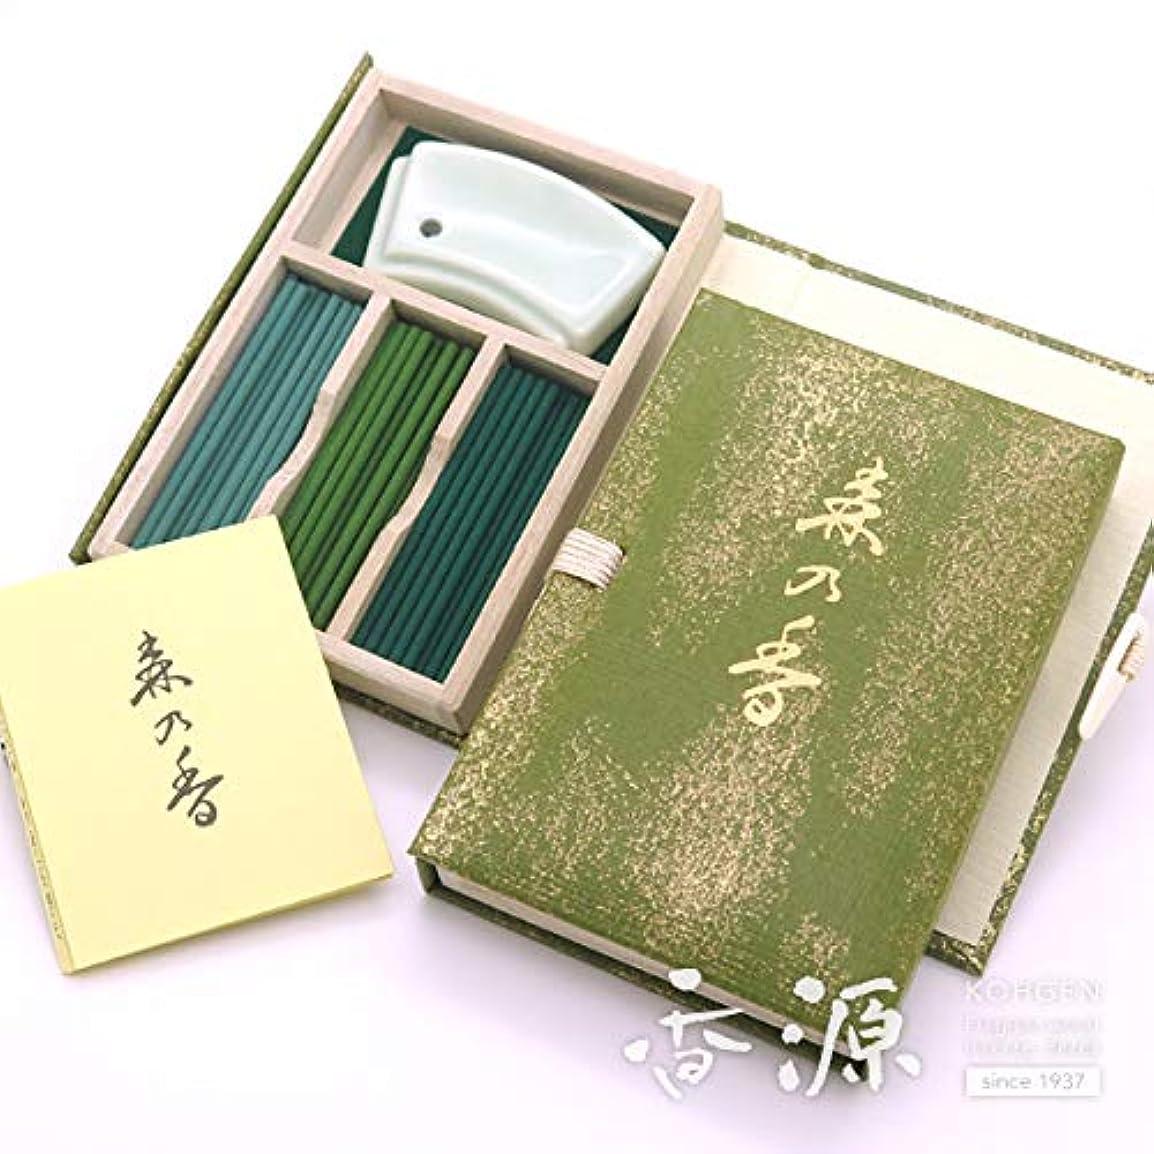 のために露病気の日本香堂のお香 森の香 スティックミニ寸文庫型 60本入り